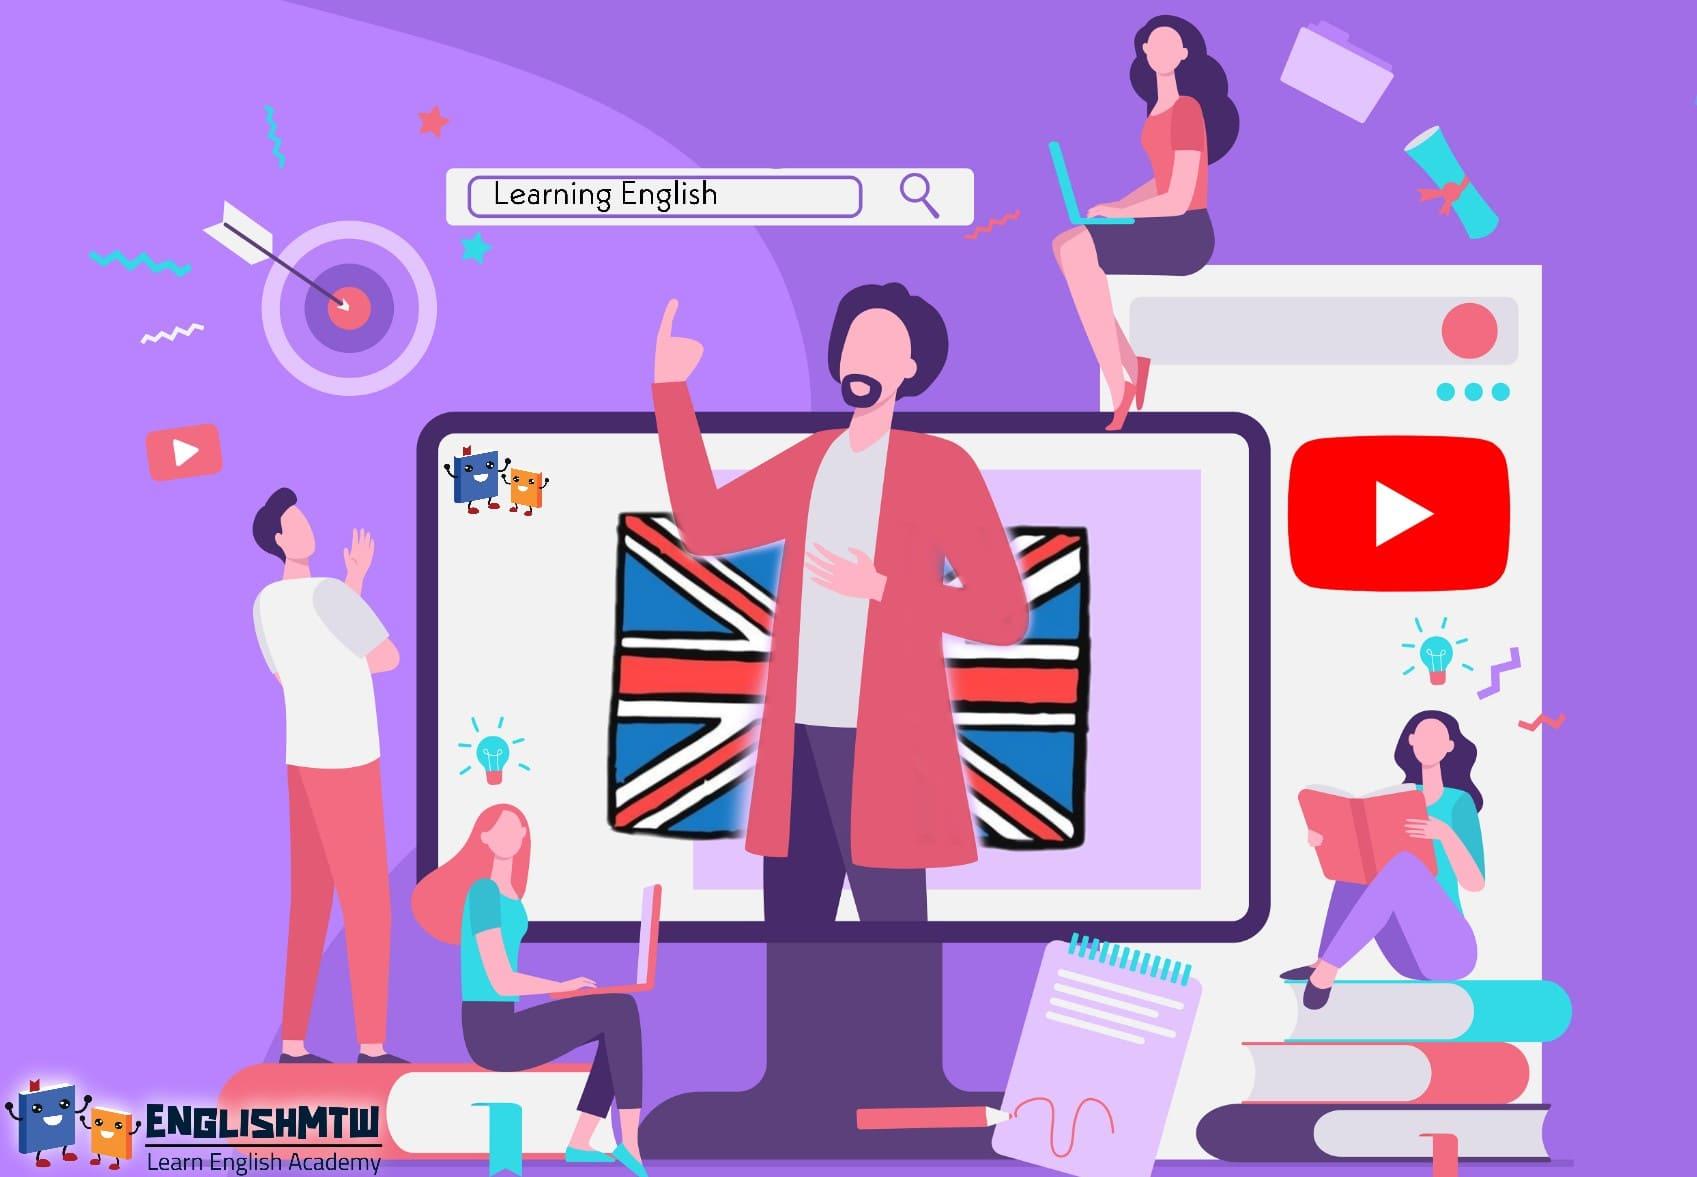 كيف أتعلم اللغة الإنجليزية بسرعة : منصات للعثور على أفضل معلمي الإنجليزية